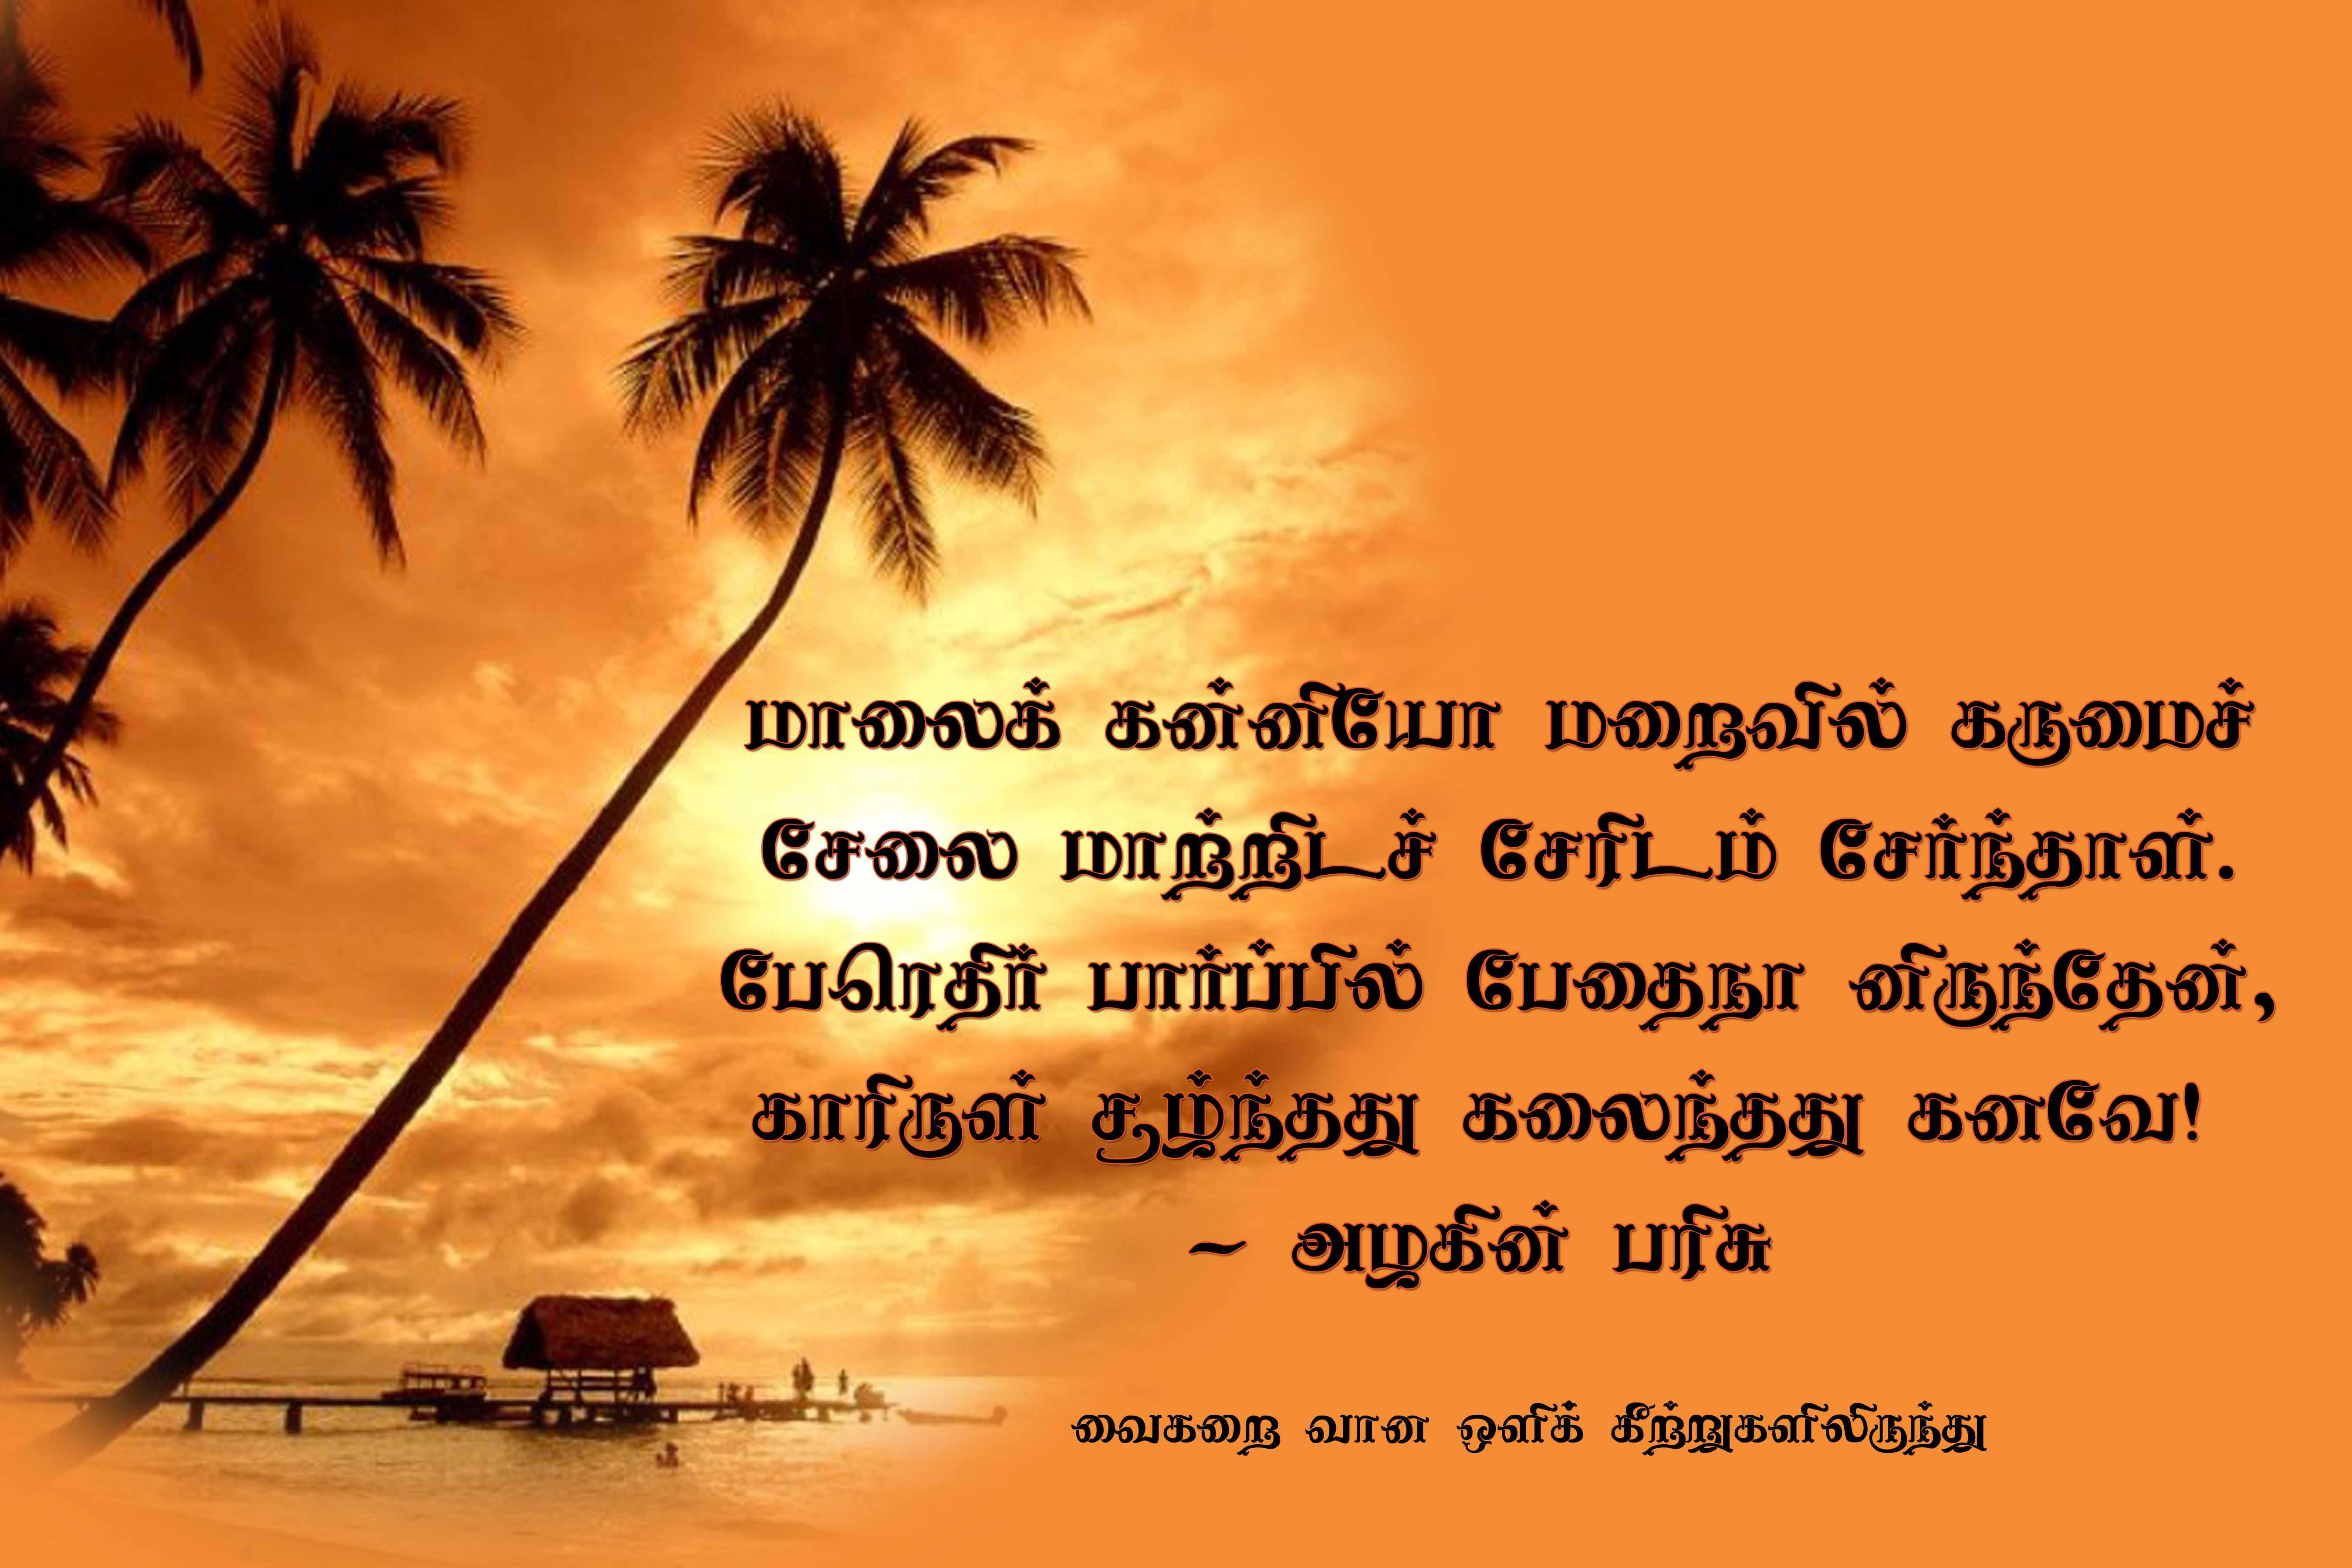 Essay writing about nature in tamil b tamil katturaigal tamil essays